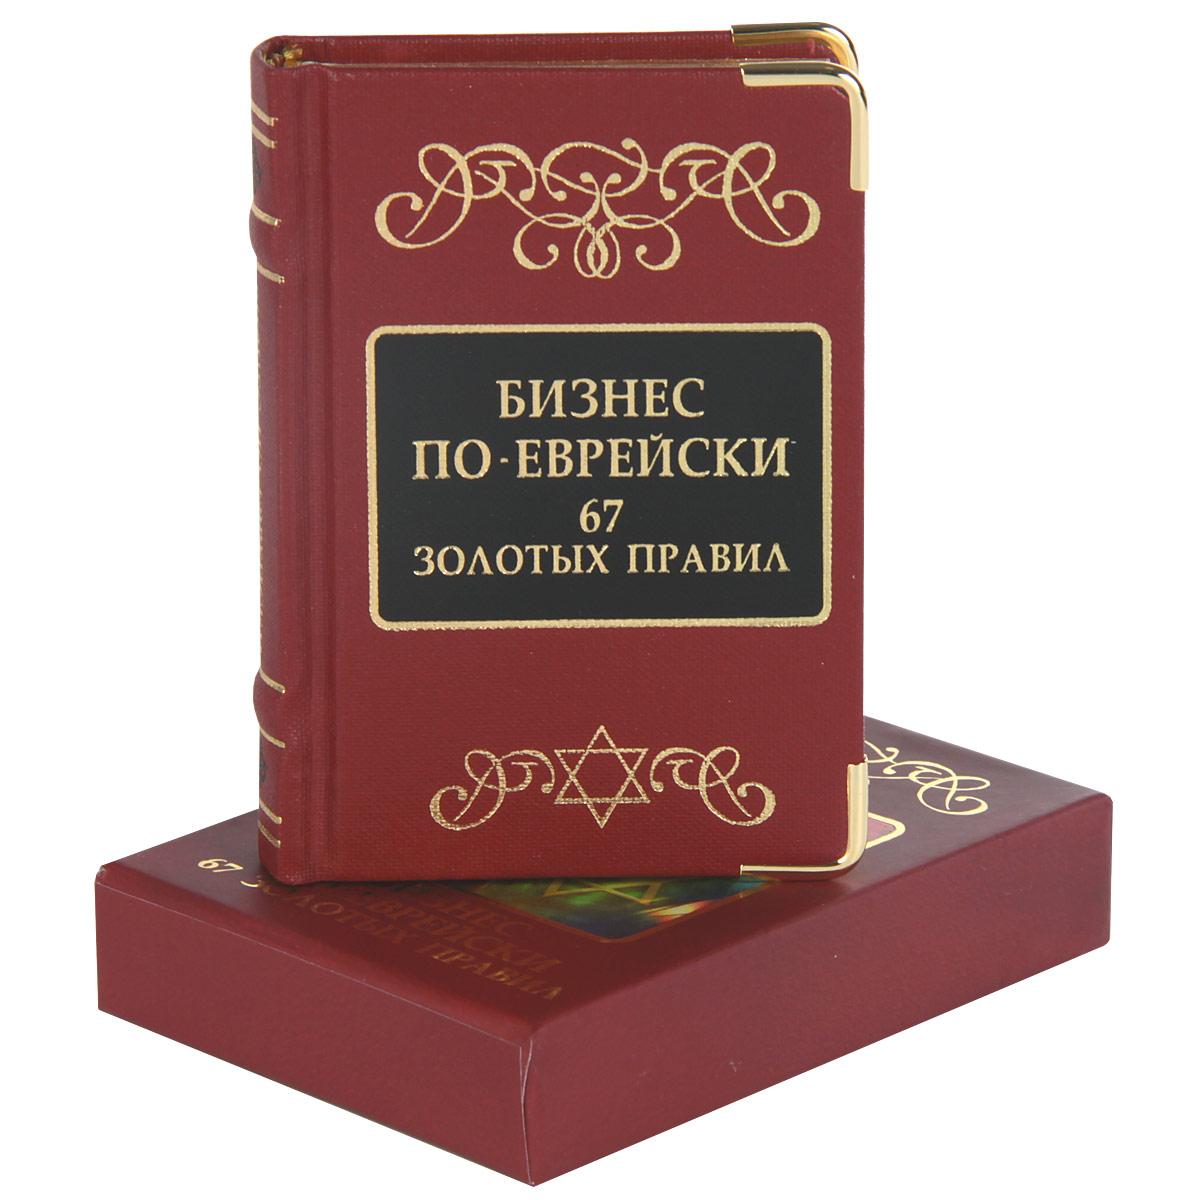 М. Л. Абрамович Бизнес по-еврейски. 67 золотых правил м л абрамович бизнес по еврейски 67 золотых правил